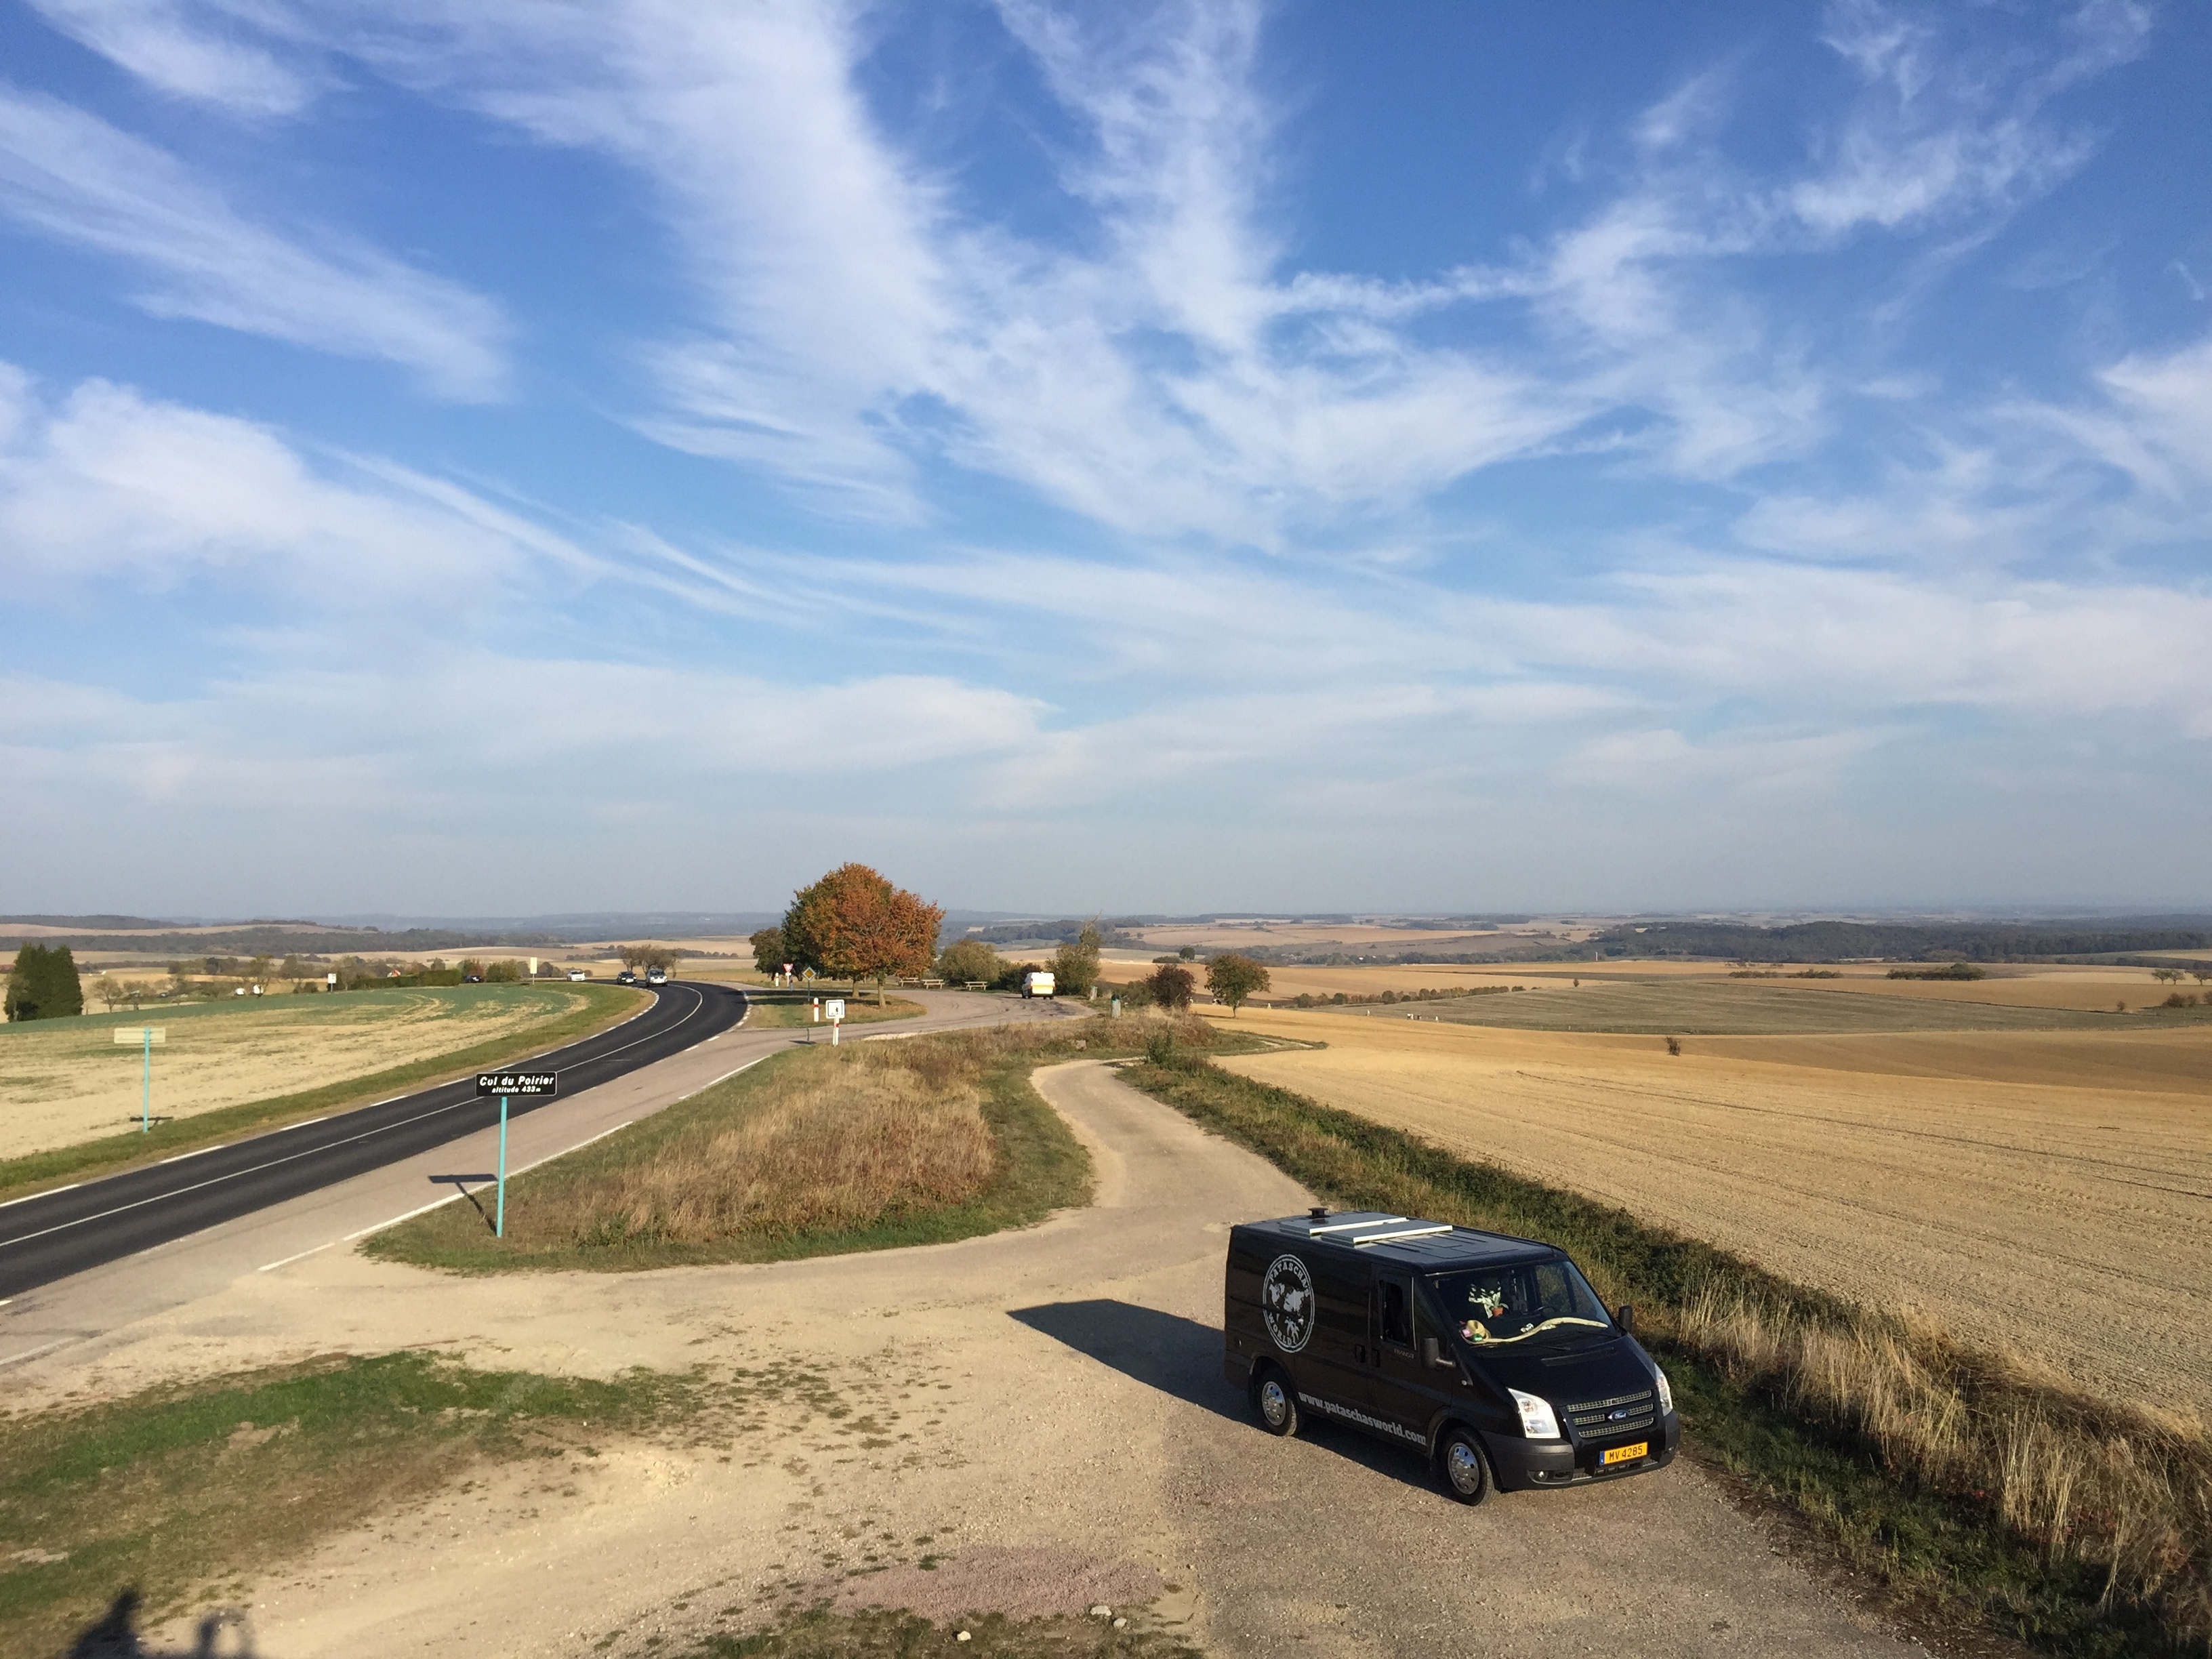 Patascha Grüne Strasse Route Verte Elsass Vogesen Schwarzwald Roadtrip Road trip Europa Deutschland Frankreich Ferienstrasse Urlaub Contrexéville Donaueschingen Freiheitsmobil